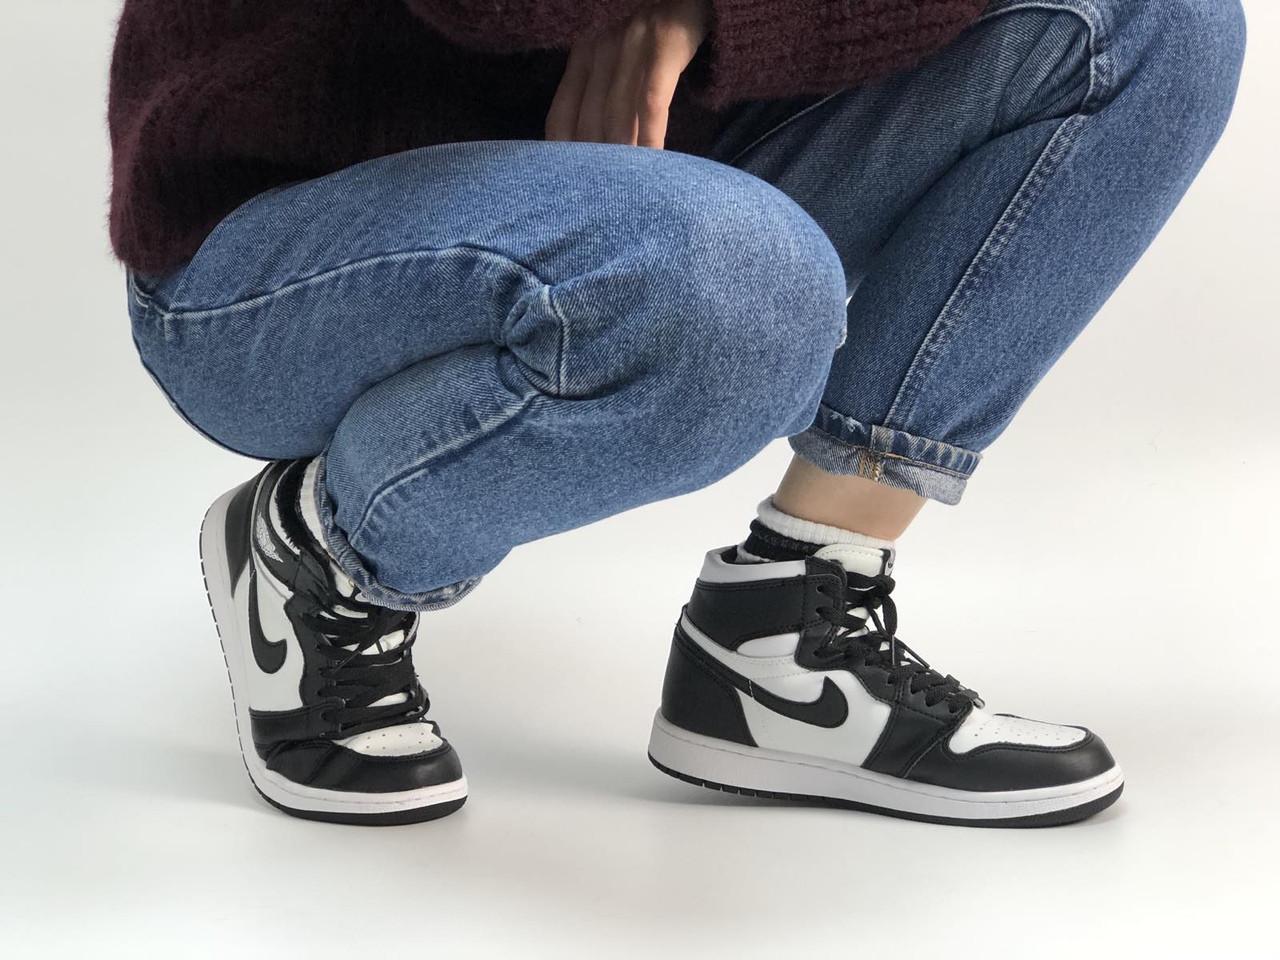 Кросівки жіночі Nike Air Jordan в стилі найк джордан Чорні НА ХУТРІ (Репліка ААА+)